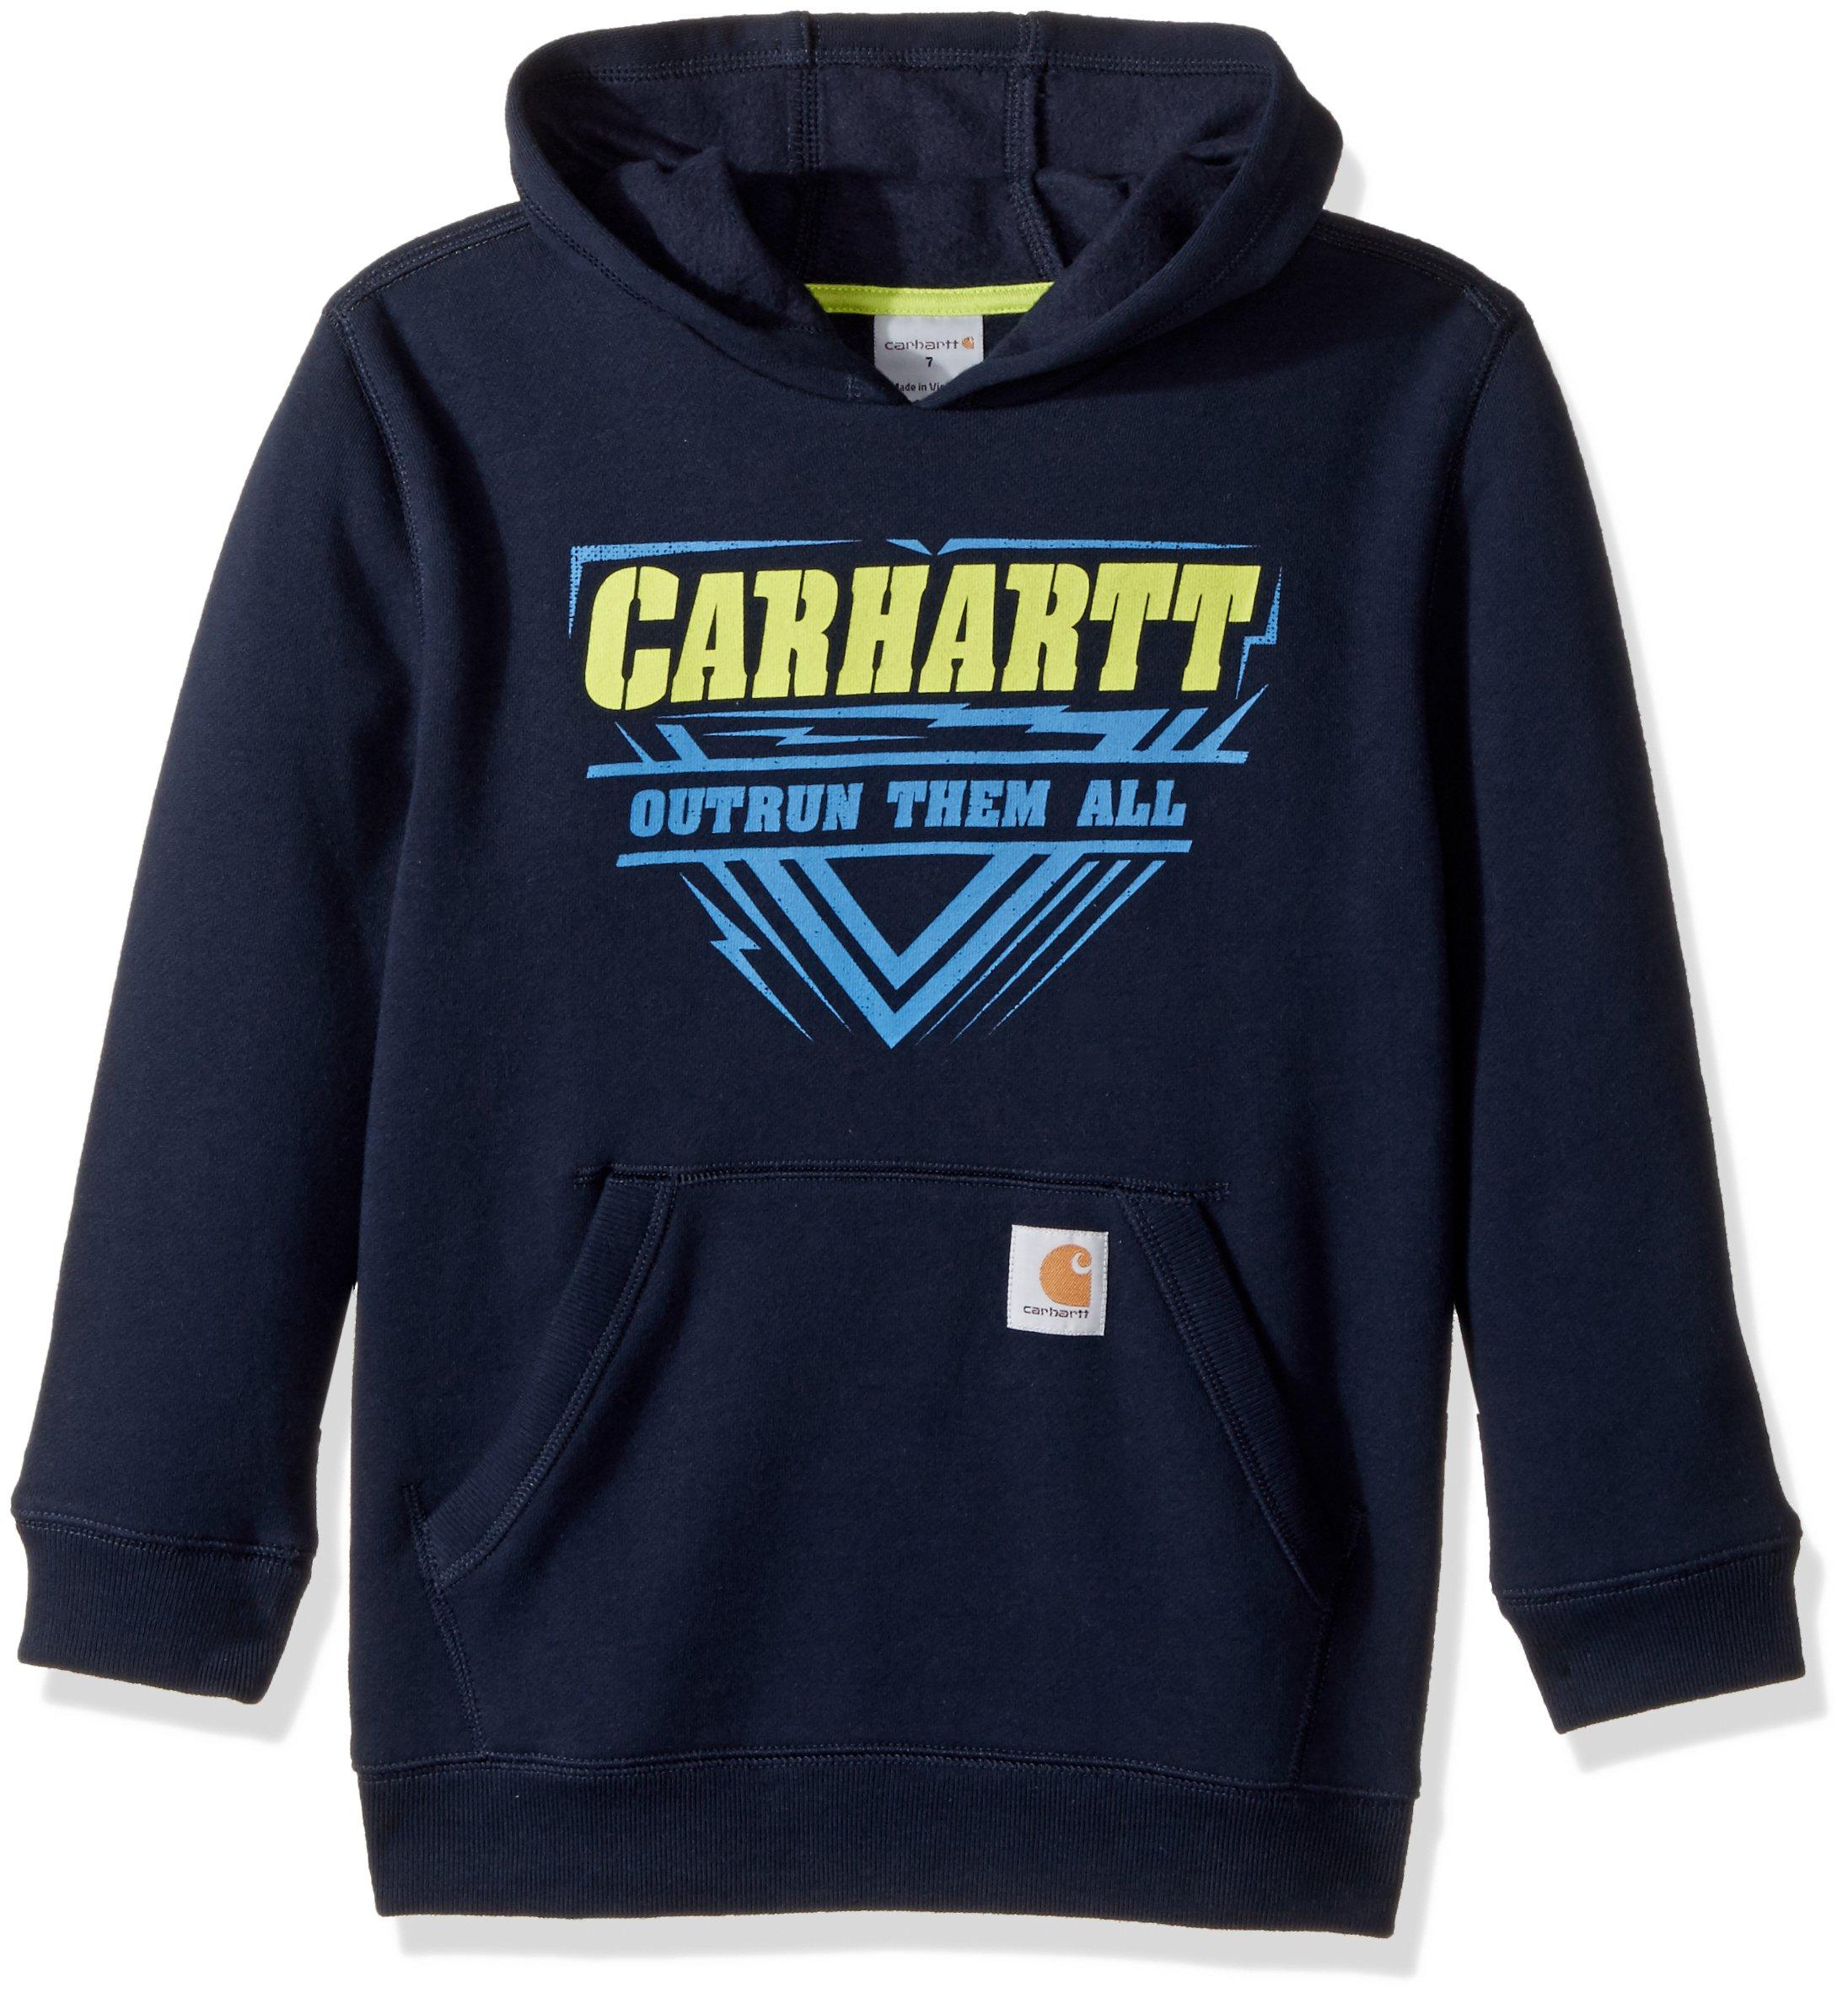 Carhartt Boys Long Sleeve Sweatshirt, Navy XL-18/20